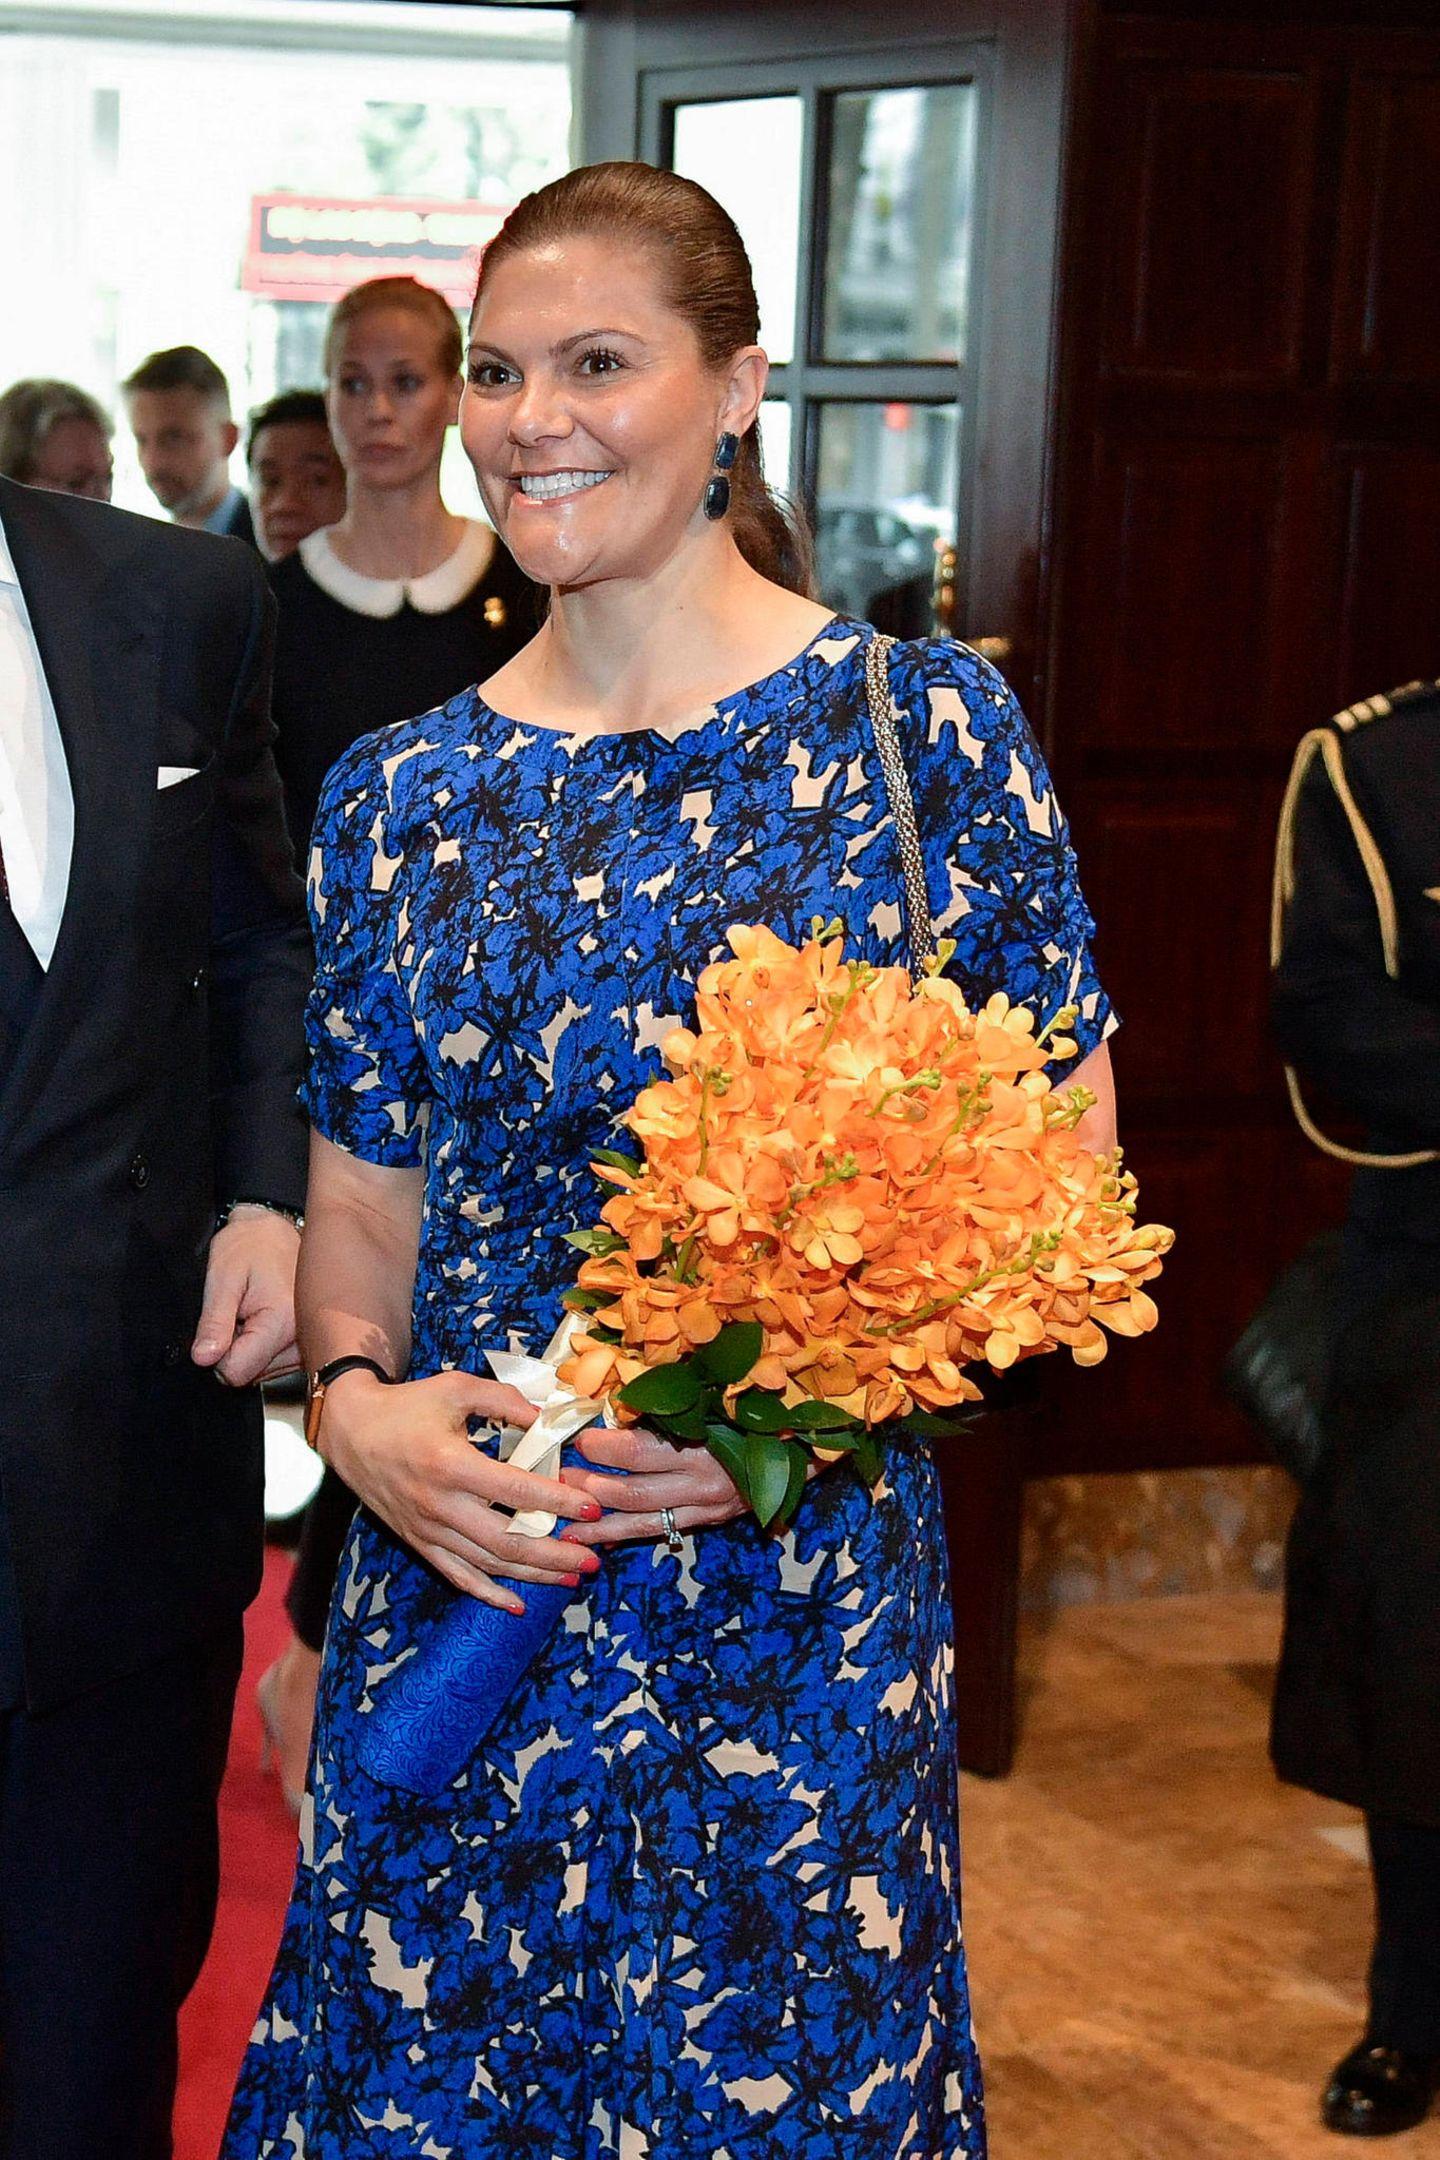 prinzessin victoria: bilder ihrer schönsten looks | gala.de